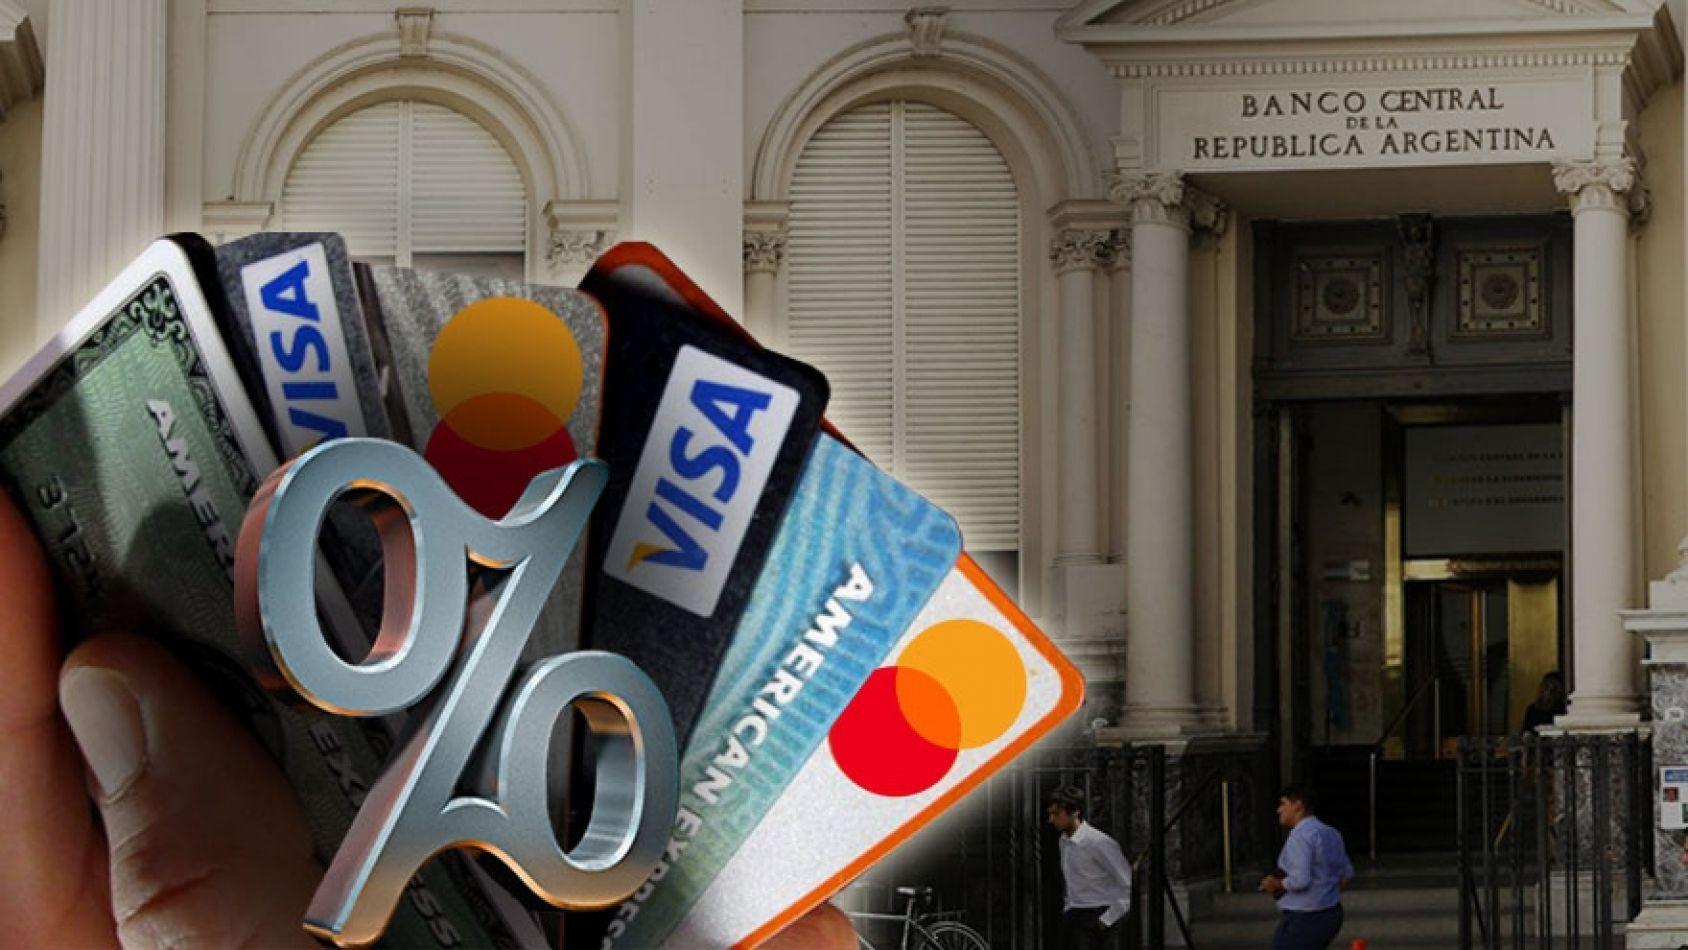 Los bancos proponen bajar del 90% al 75% la tasa en préstamos con tarjetas: